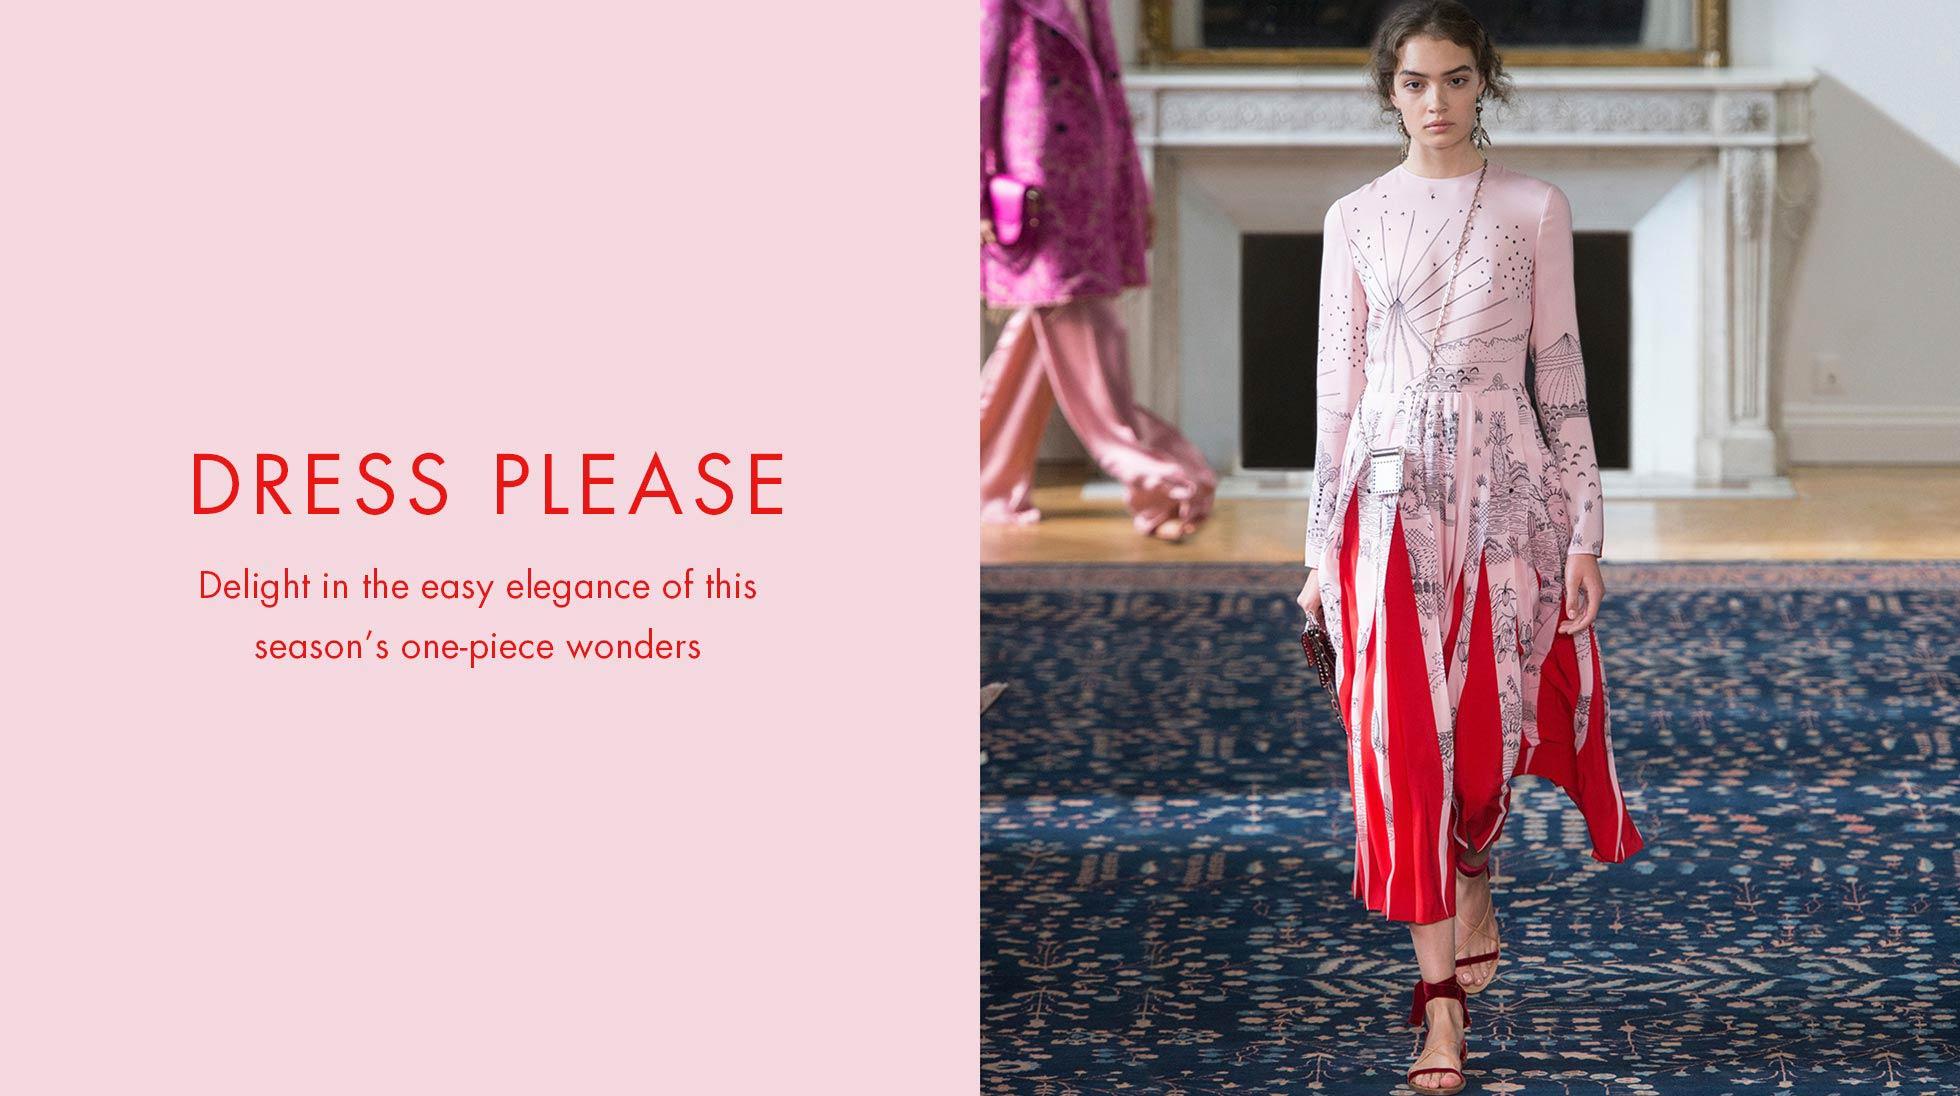 Dress Please